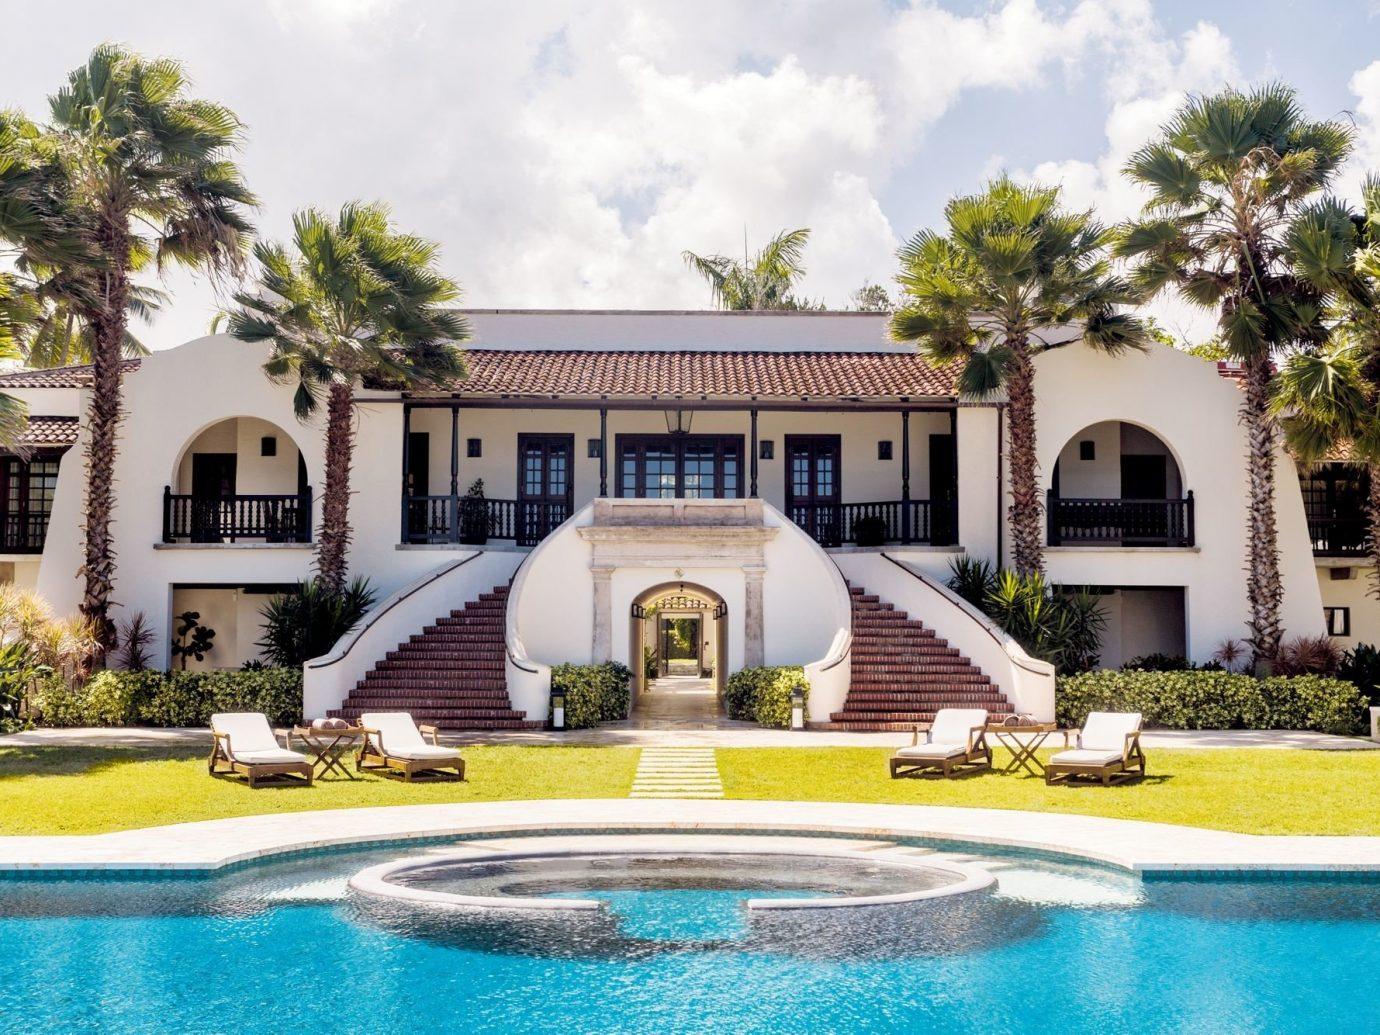 Pool at Dorado Beach, a Ritz-Carlton Reserve, Puerto Rico, Caribbean